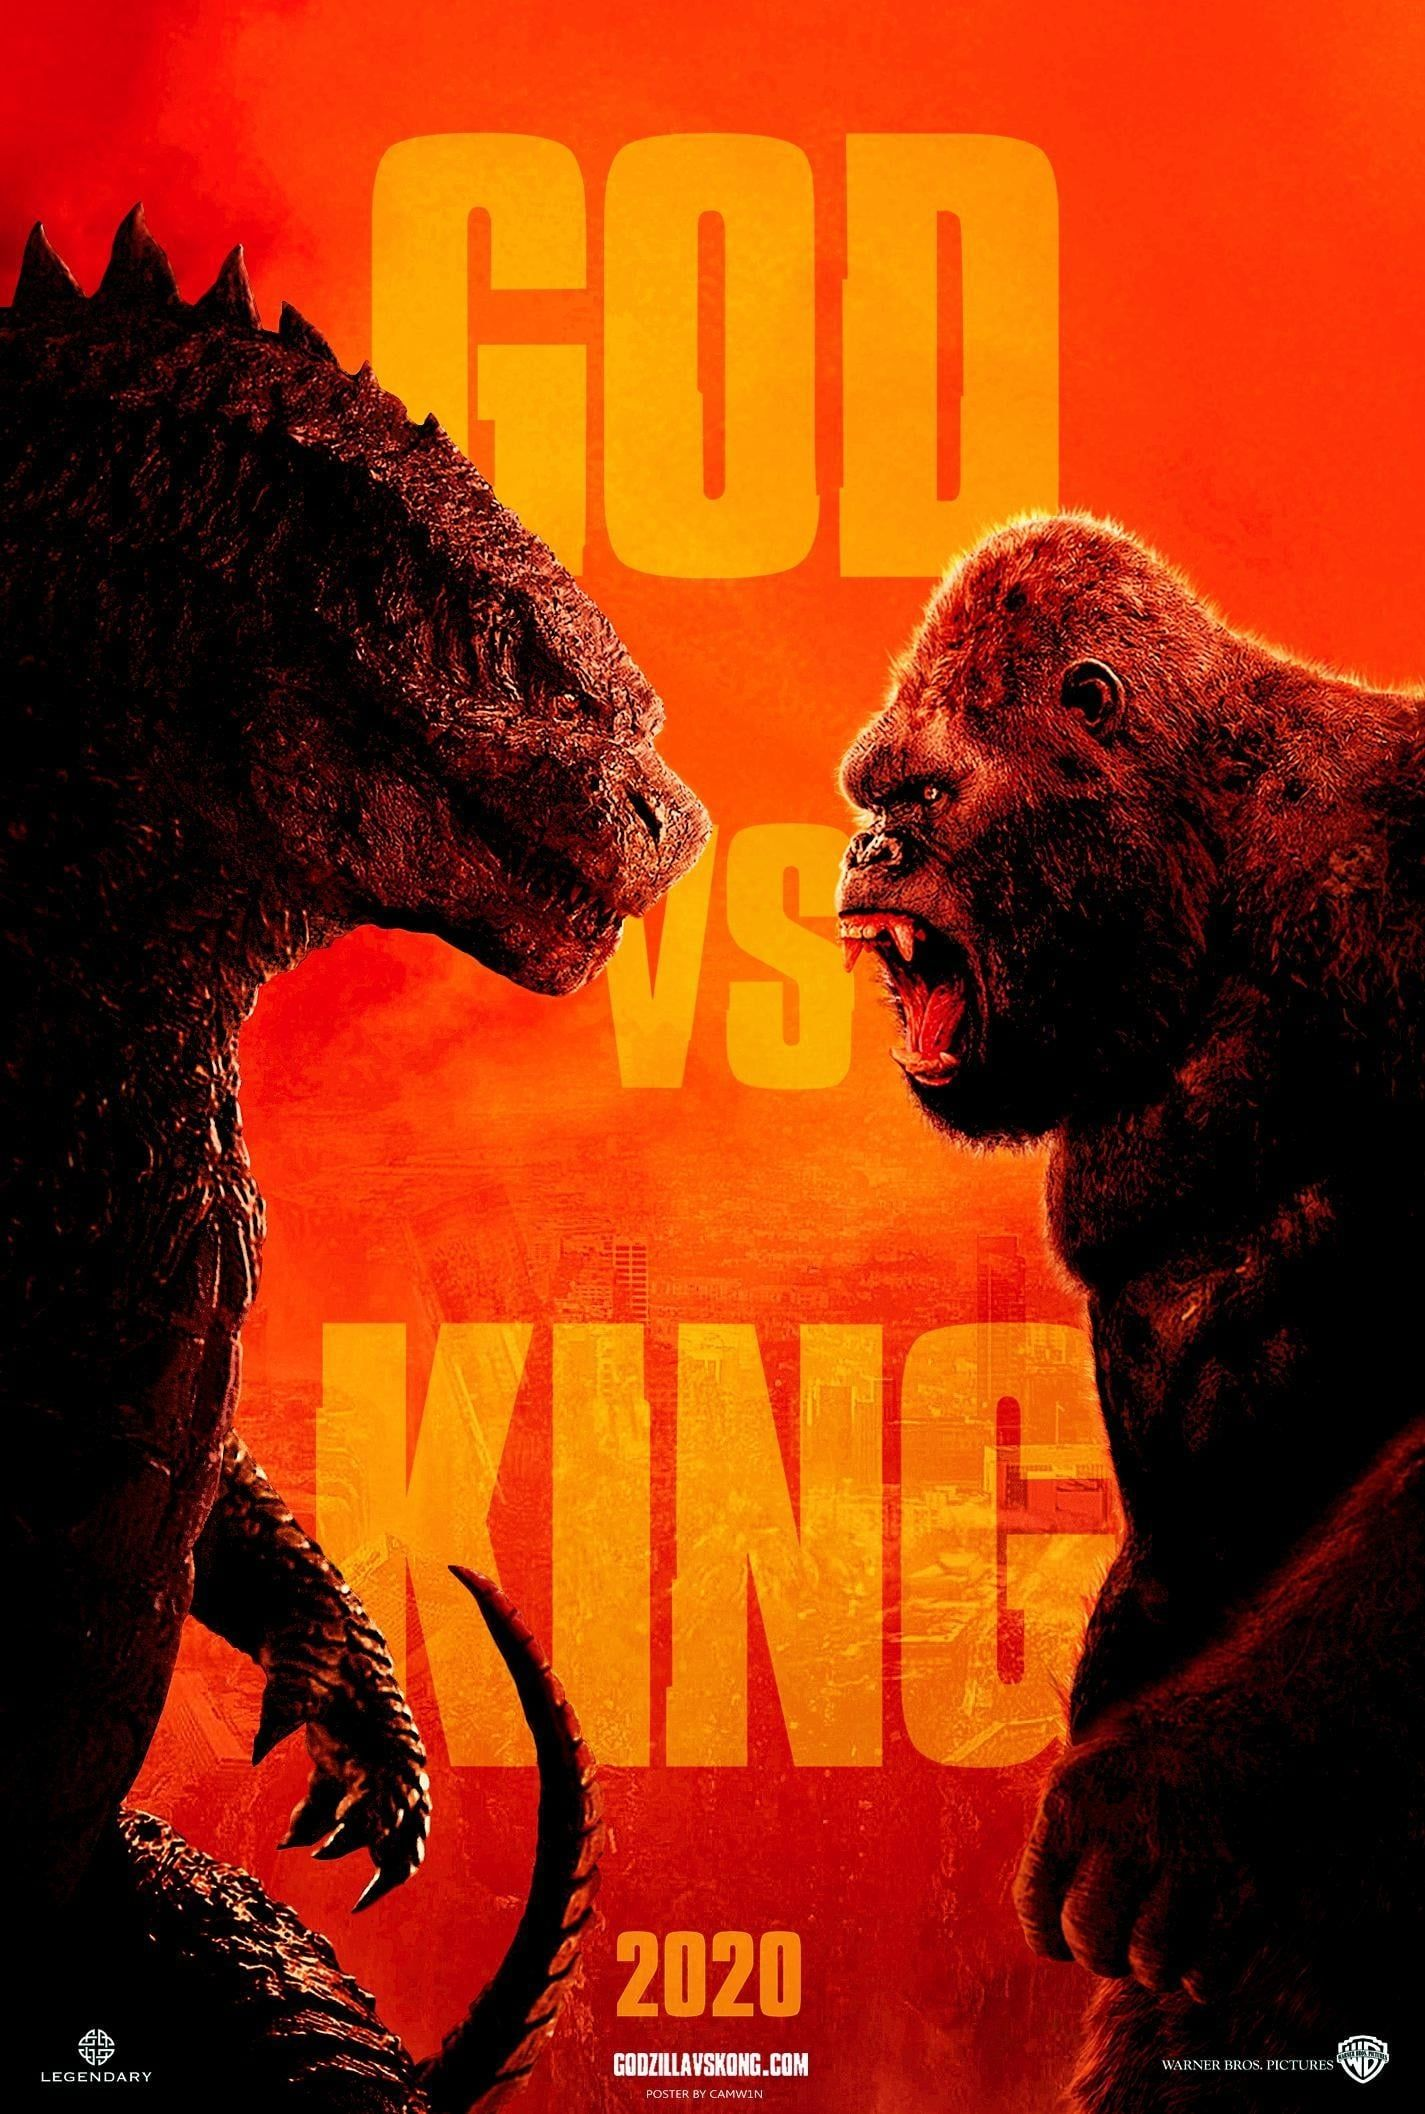 2019 Download Godzilla Vs Kong Film Cmplet Ita Godzilla Pelicula Godzilla Fiesta De Cumpleanos Godzilla